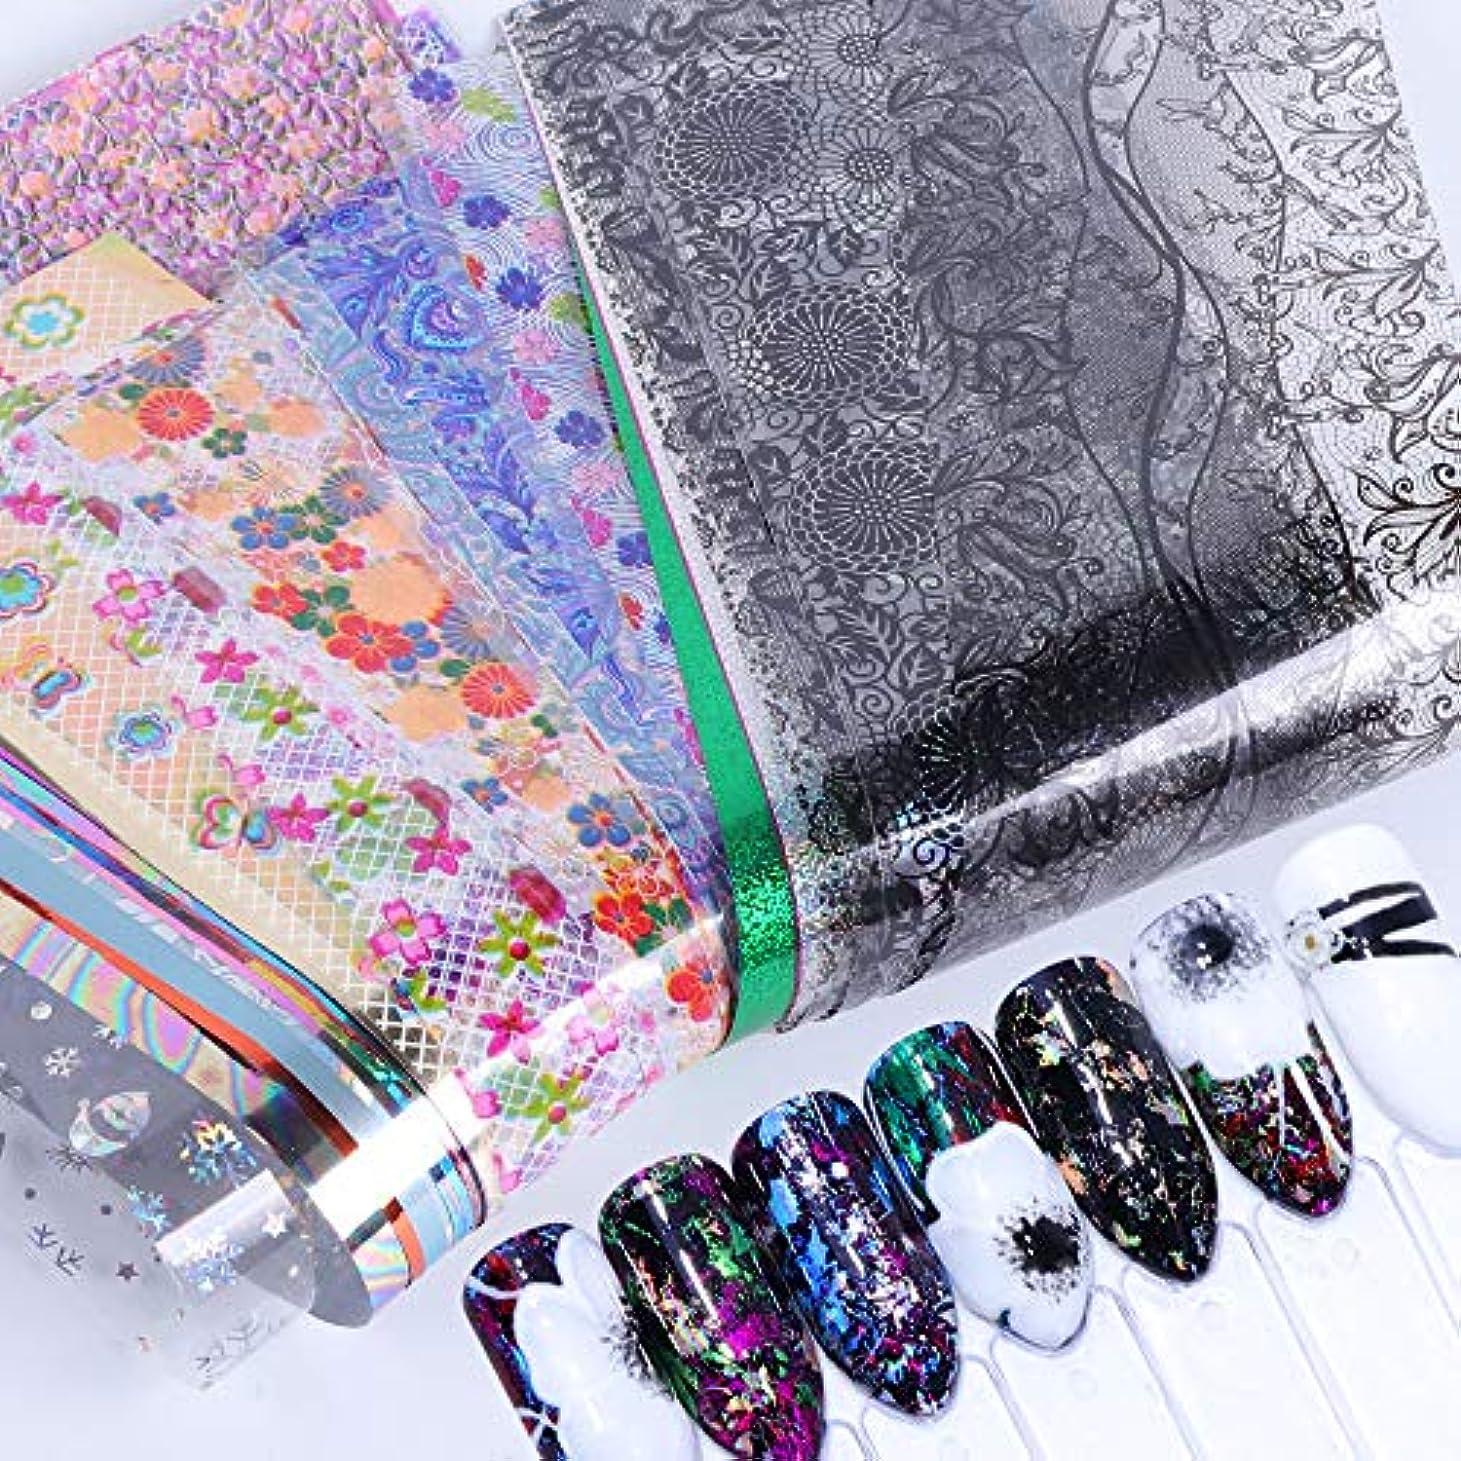 ケーブルカー何かあごひげ50個星空スカイスターズネイルアートステッカーのヒントラップ箔転写接着剤グリッターアクリルDIYの装飾(ランダムカラーパターン)